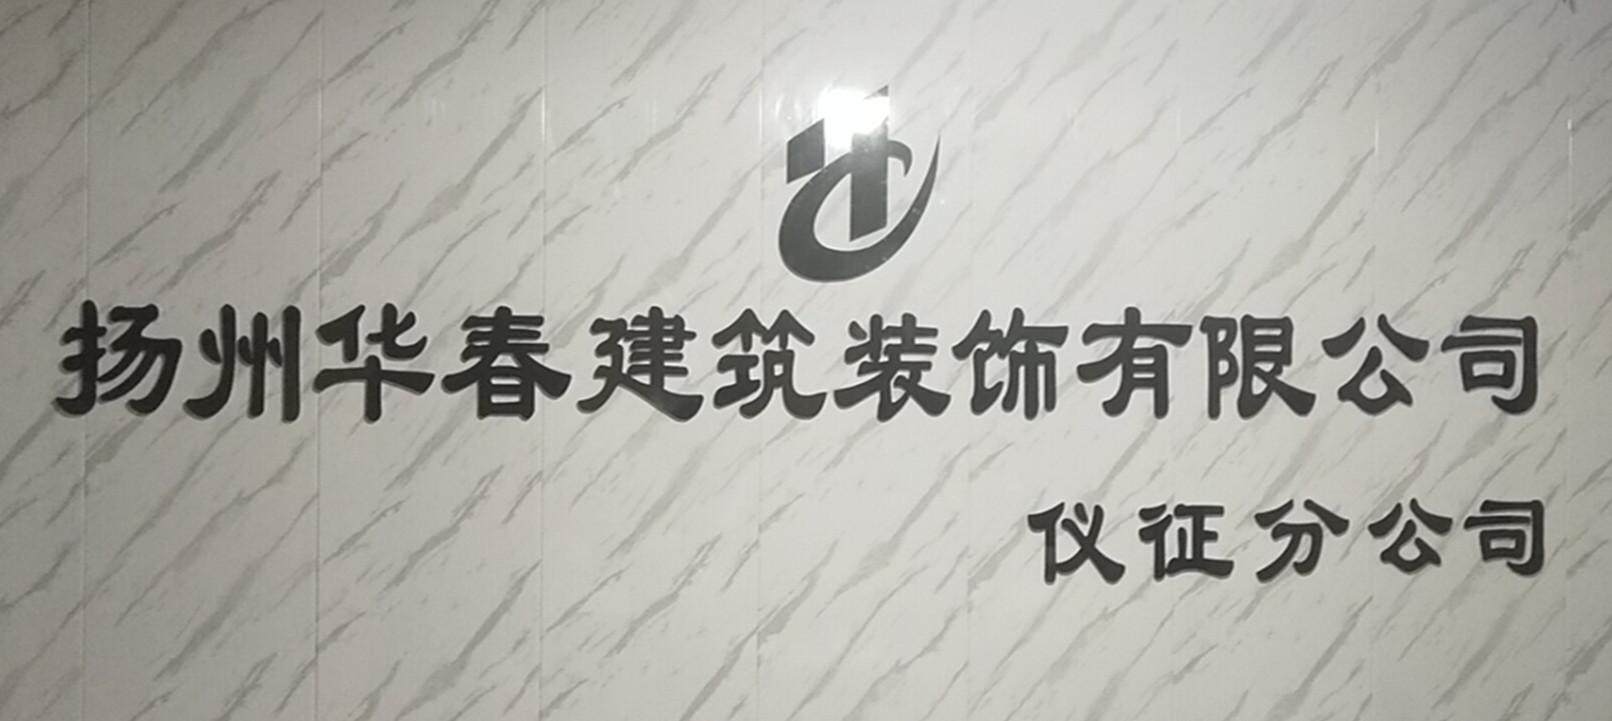 扬州华春建筑装饰工程有限公司仪征分公司